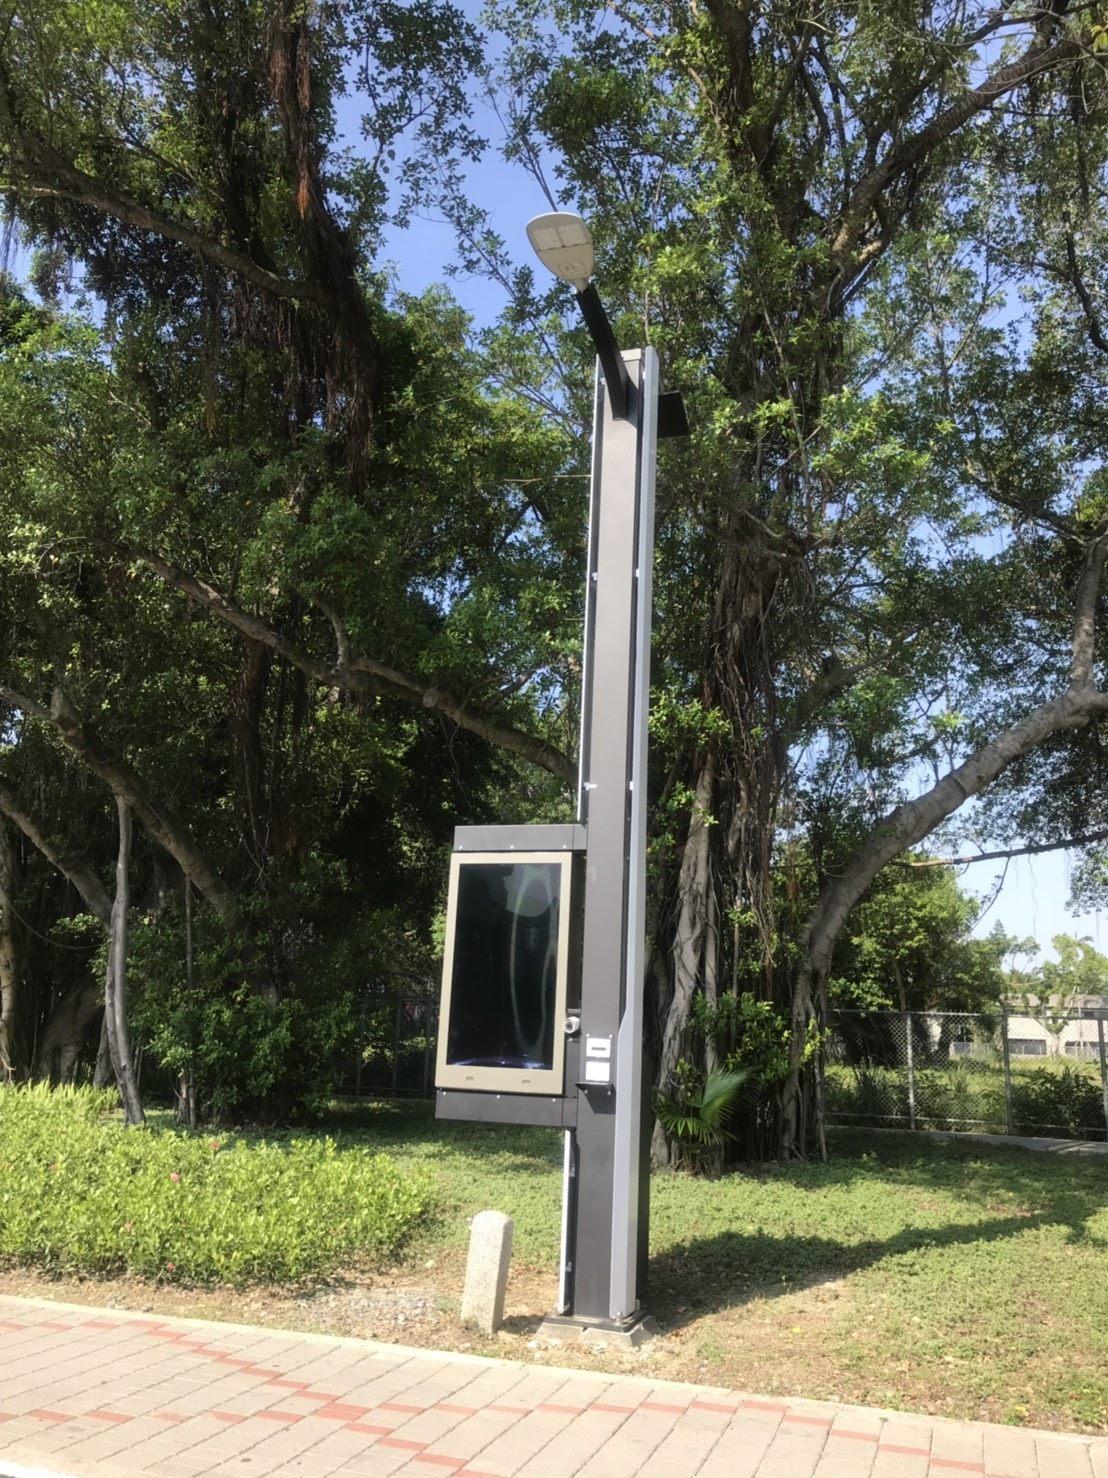 編號12.瓶蓋公園路燈